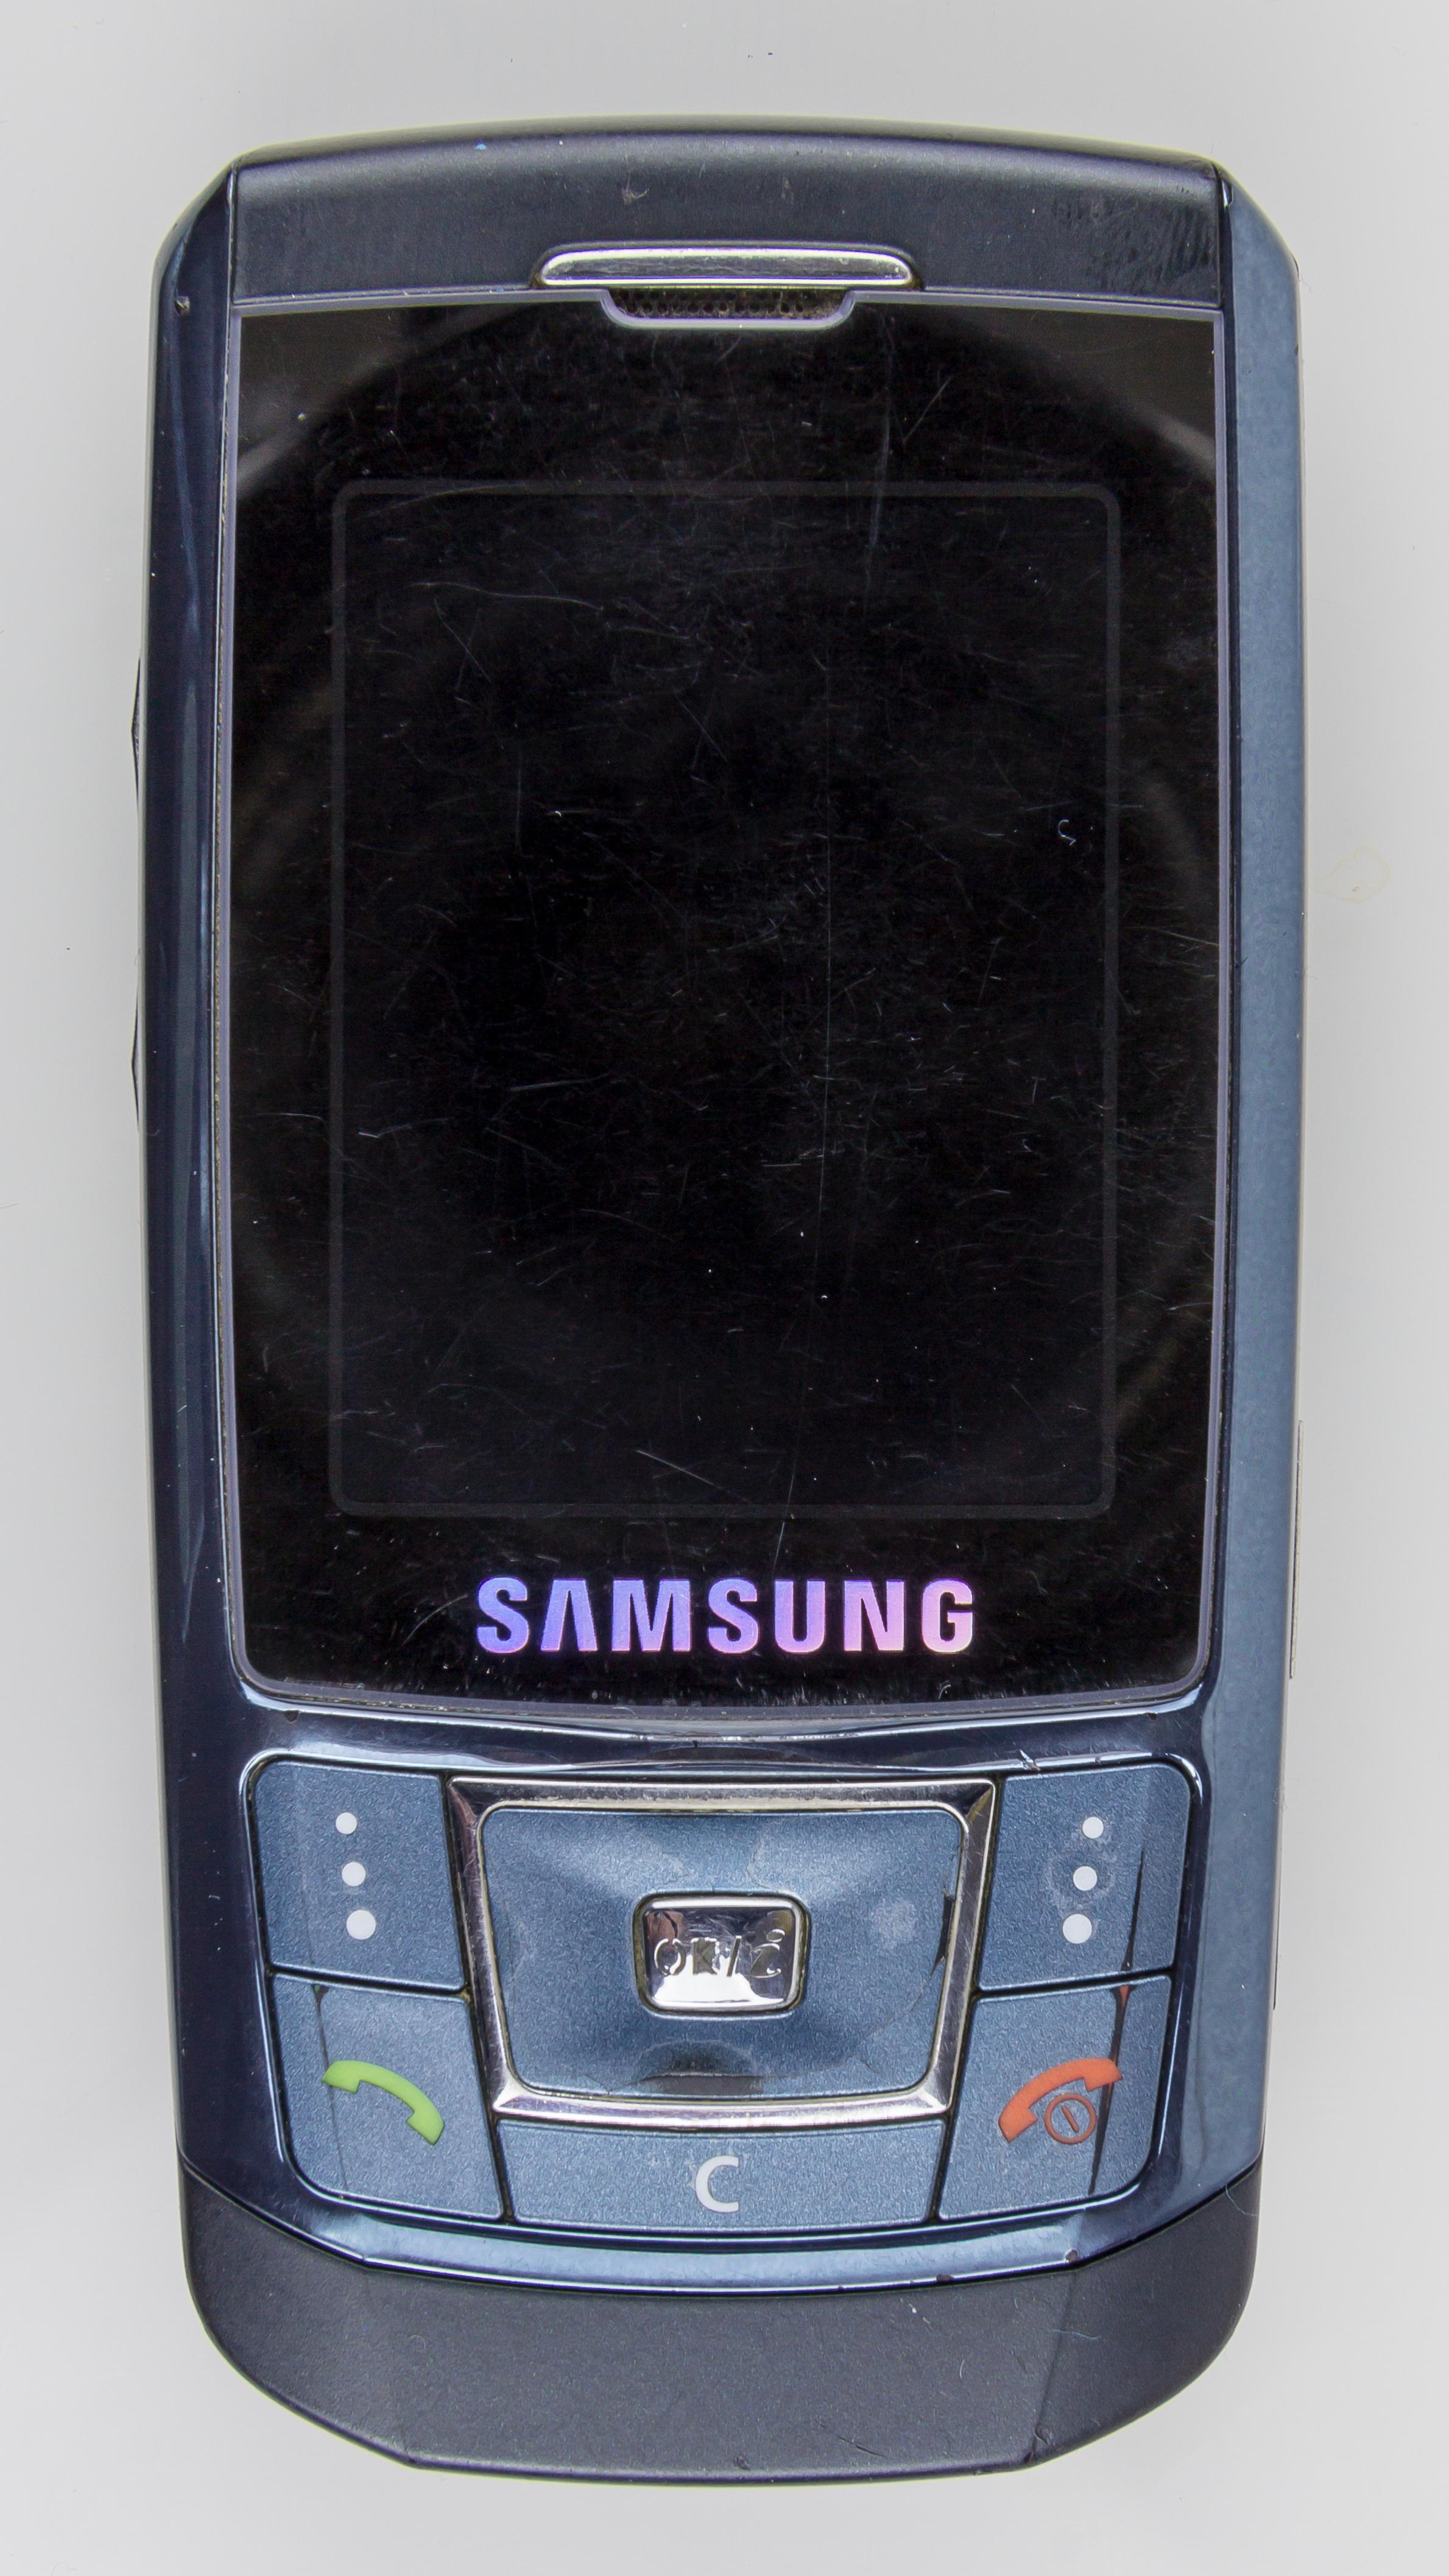 le logiciel du samsung sgh-d900i